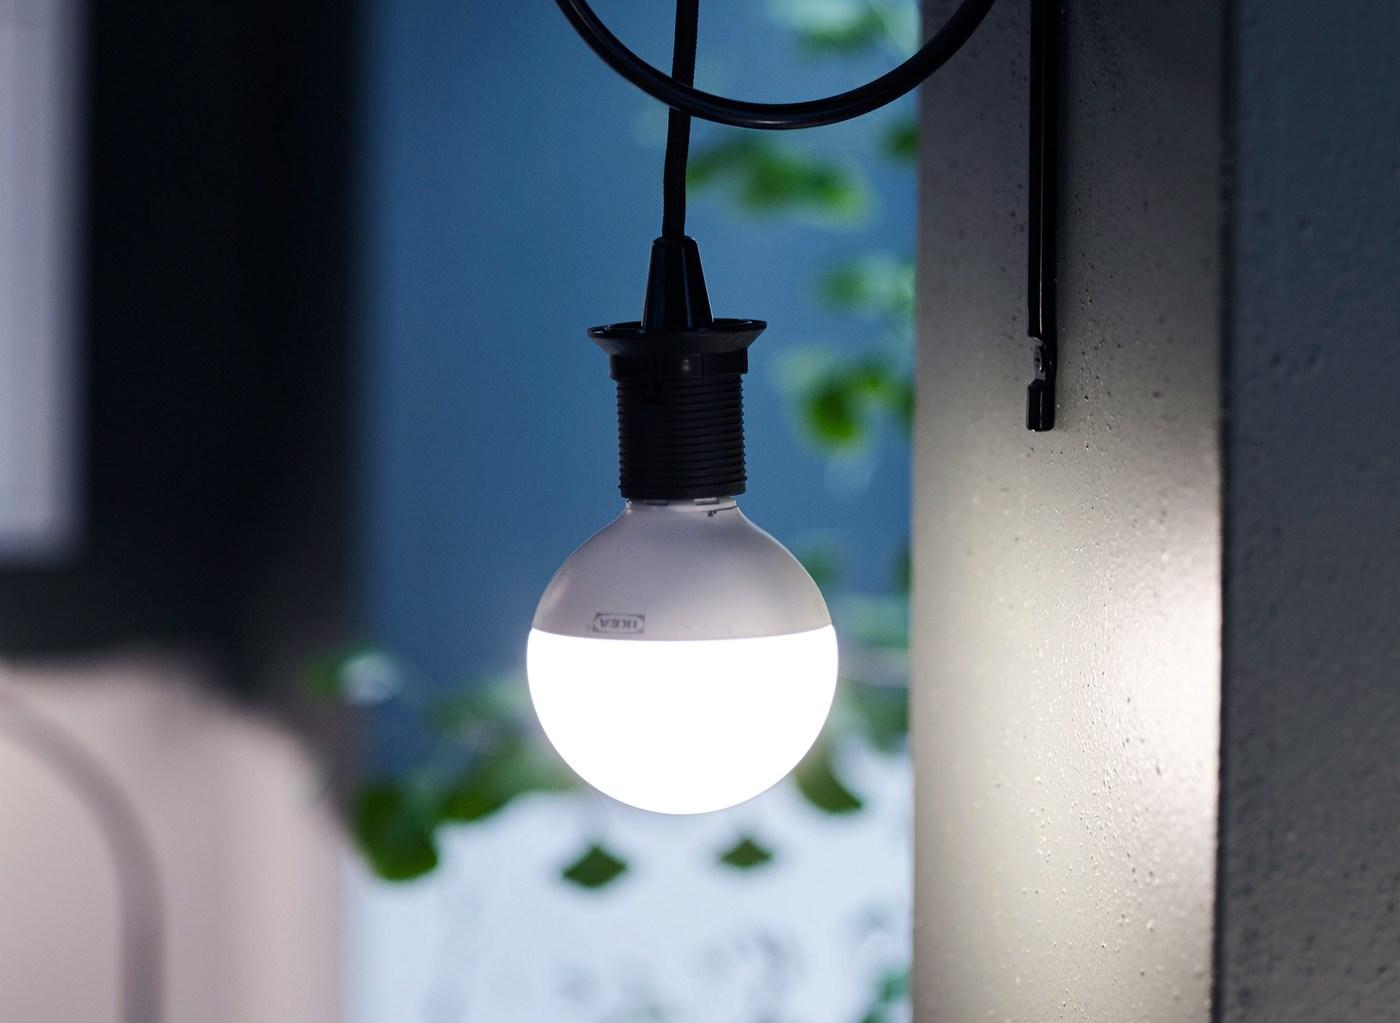 다크블루 톤의 벽에 블랙 색상의 전선과 함께 매달려 있는 구체형 LED 전구